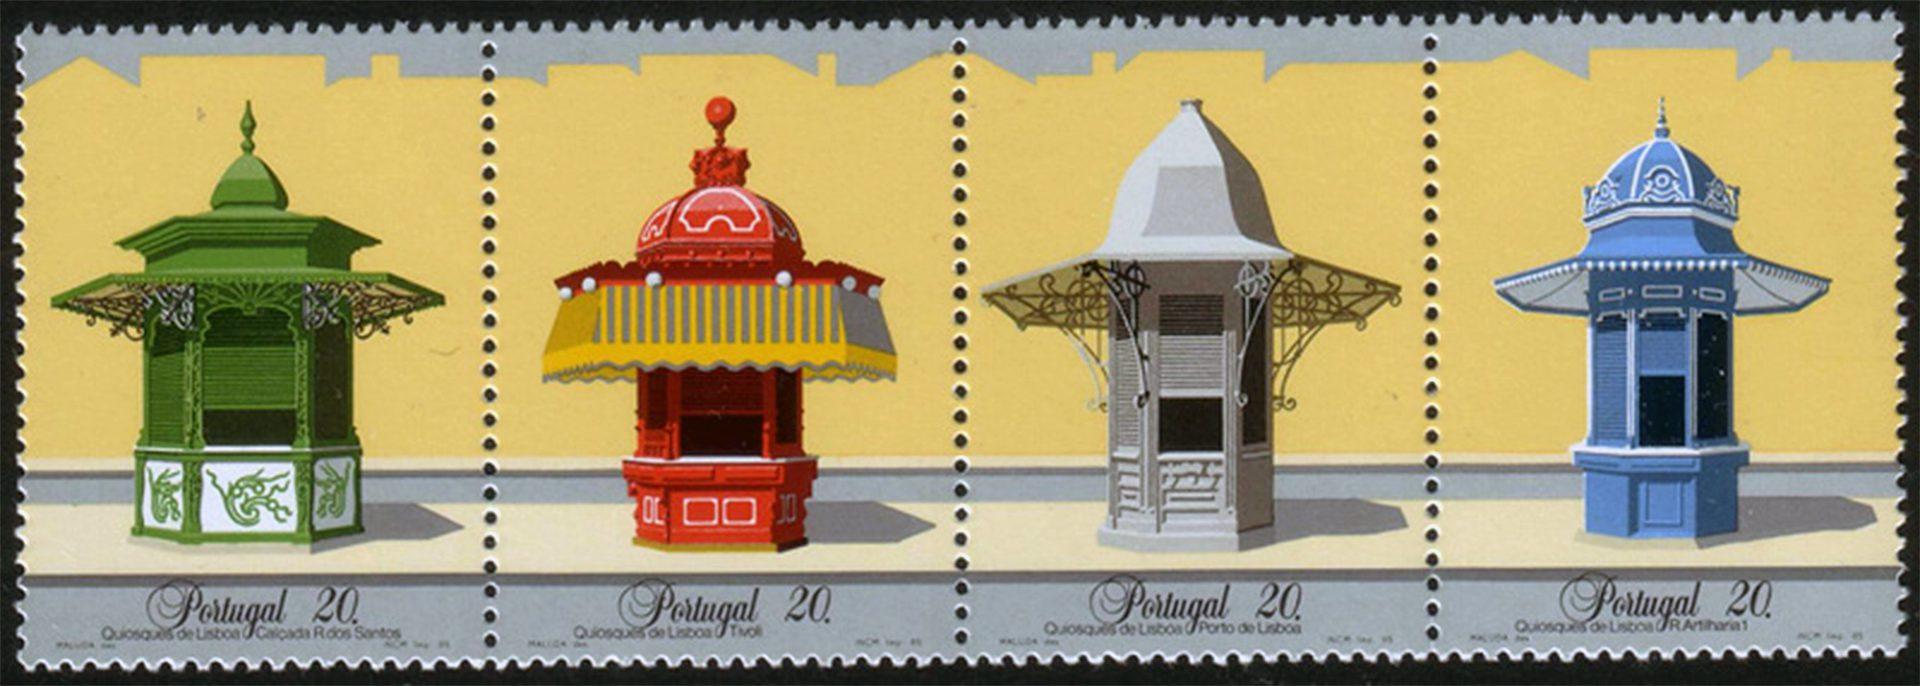 Quiosques. 1985 erschien bei der Correios de Portugal eine Briefmarkenserie mit historischen Quiosques.